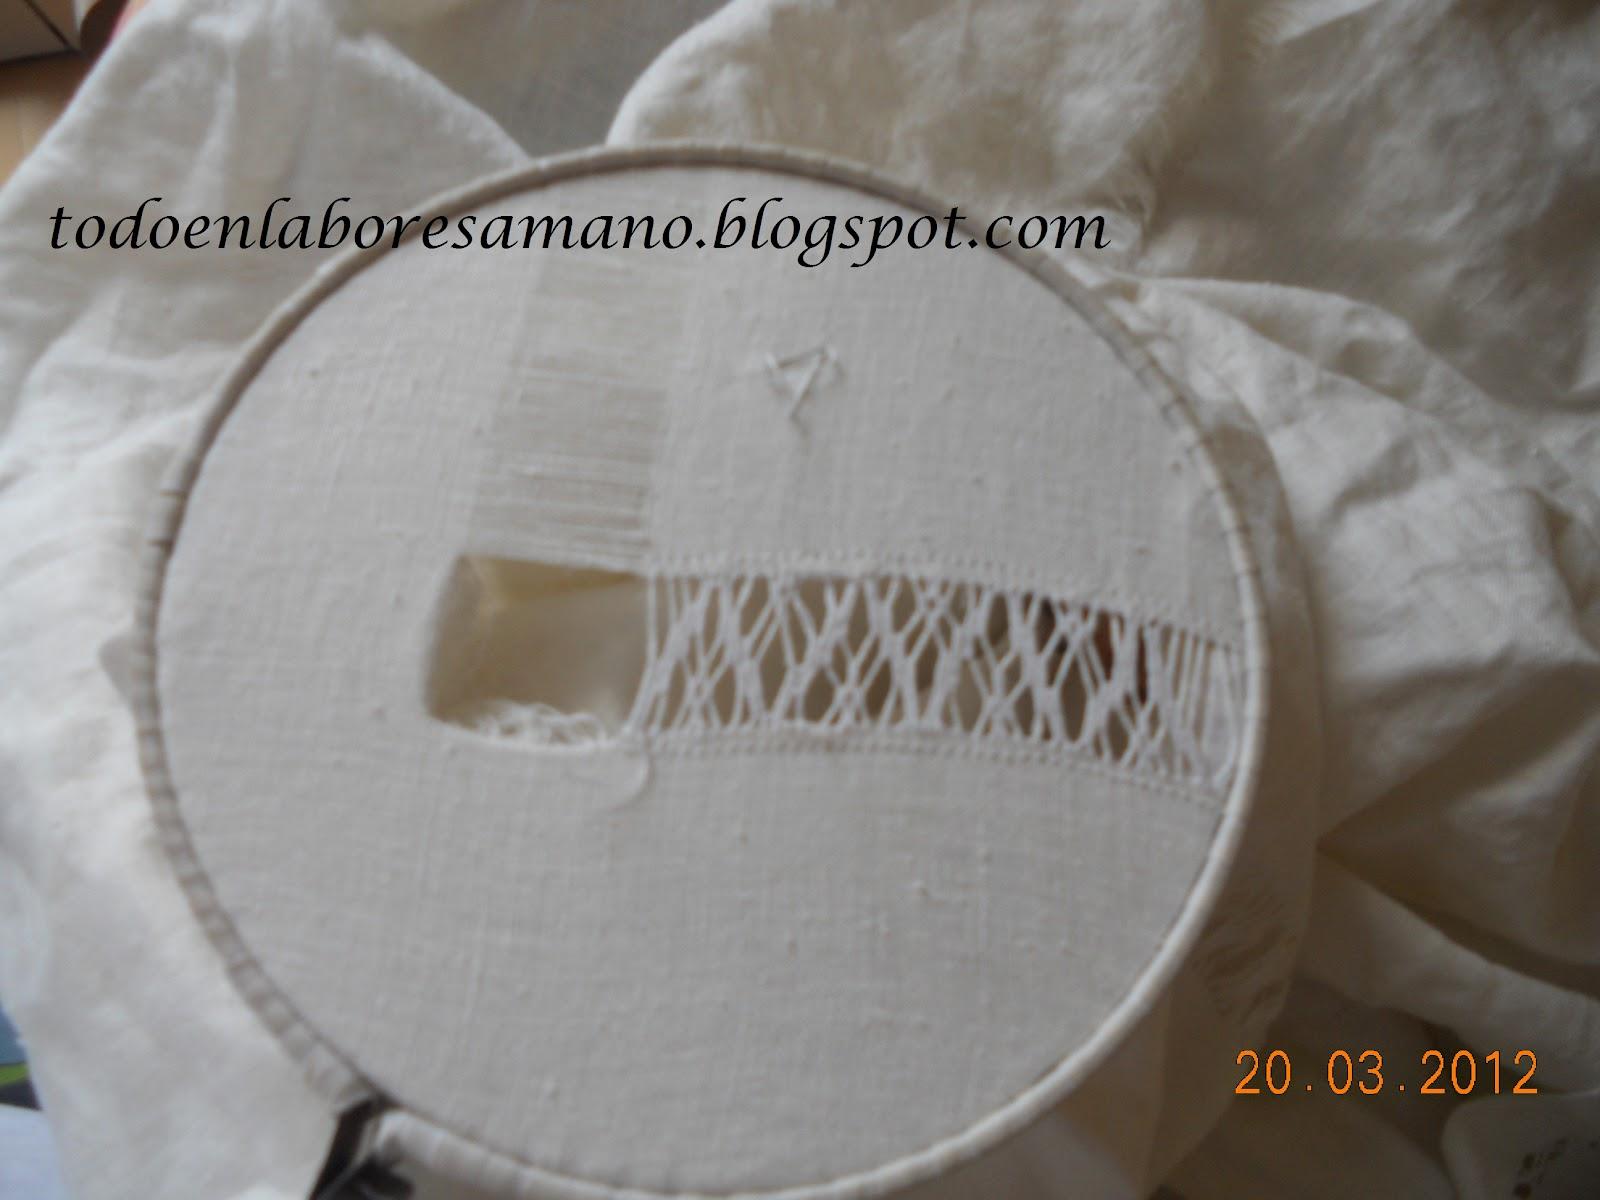 Labores a mano manteleria a vainicas - Como hacer una manteleria ...